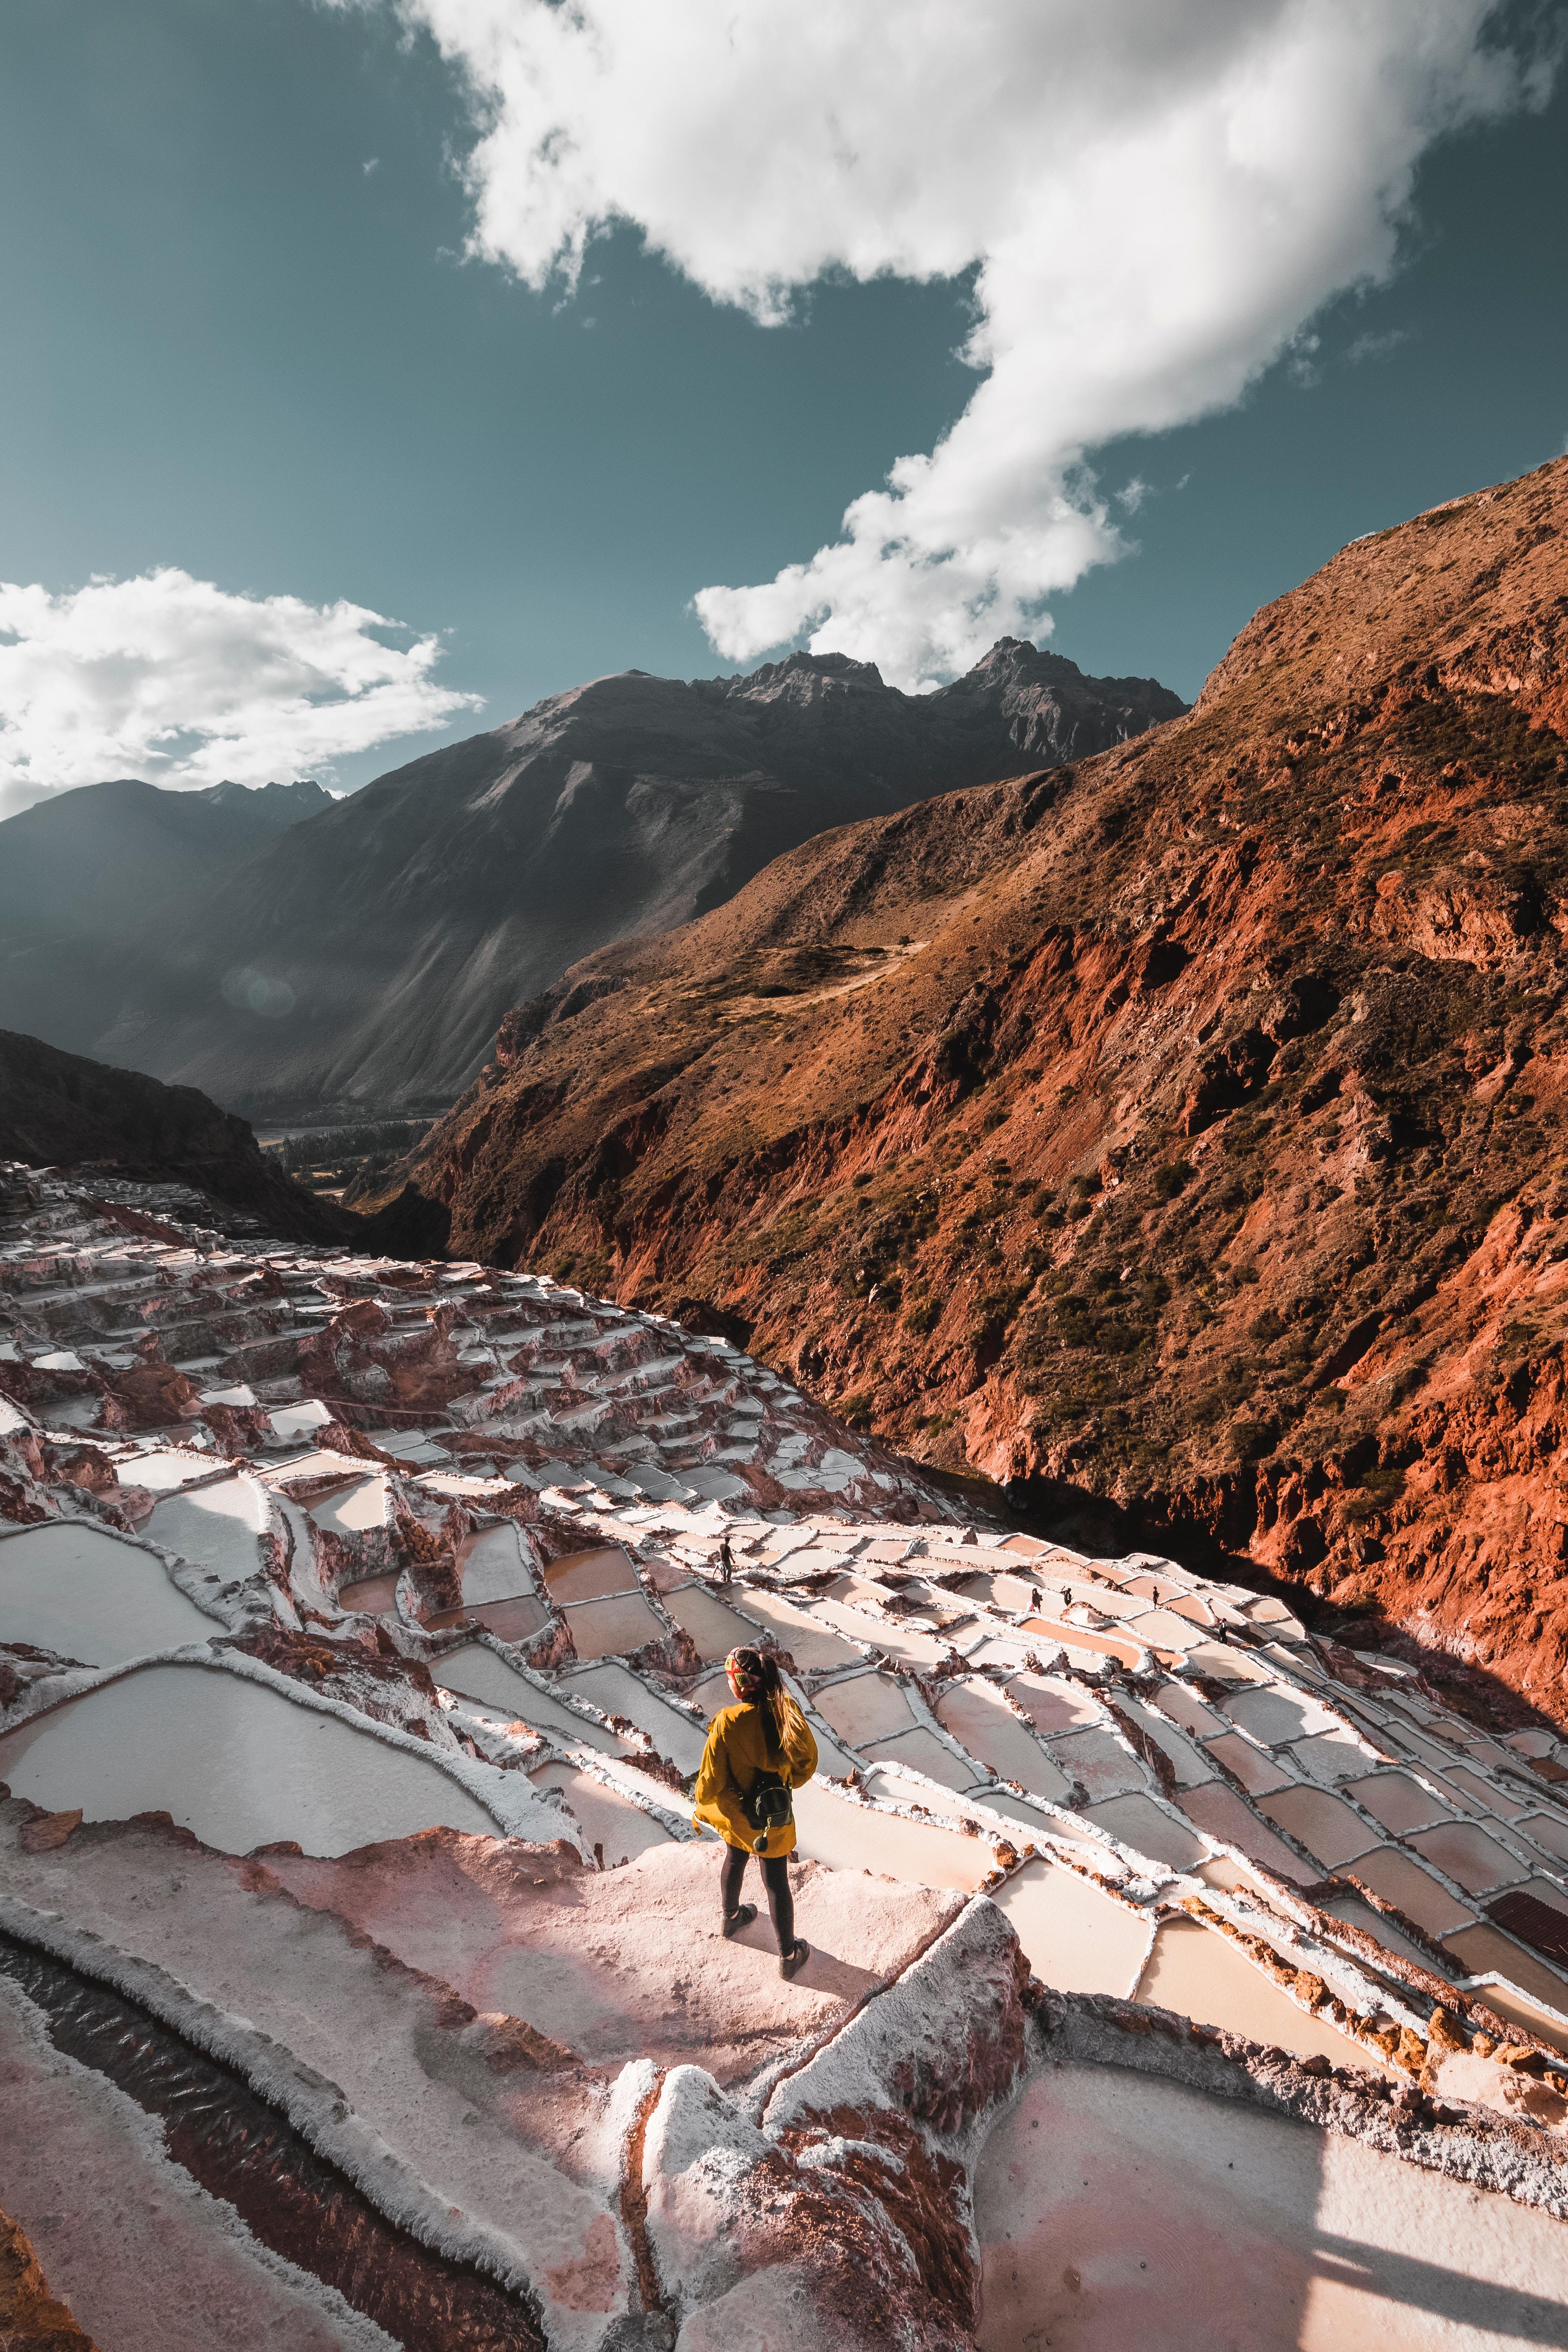 156793 fond d'écran 720x1280 sur votre téléphone gratuitement, téléchargez des images Nature, Sky, Montagnes, Contraste, Pérou, Cusco 720x1280 sur votre mobile